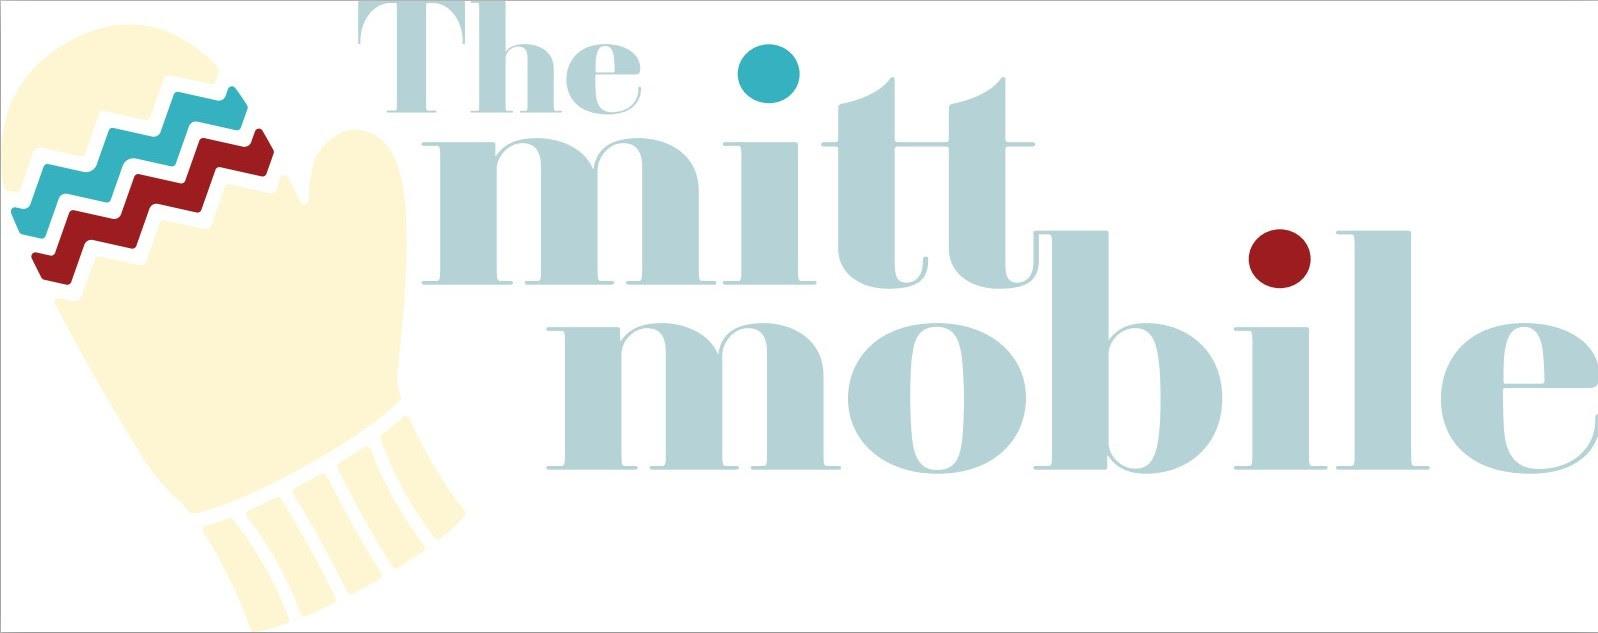 mitt-mobile-logo.jpg